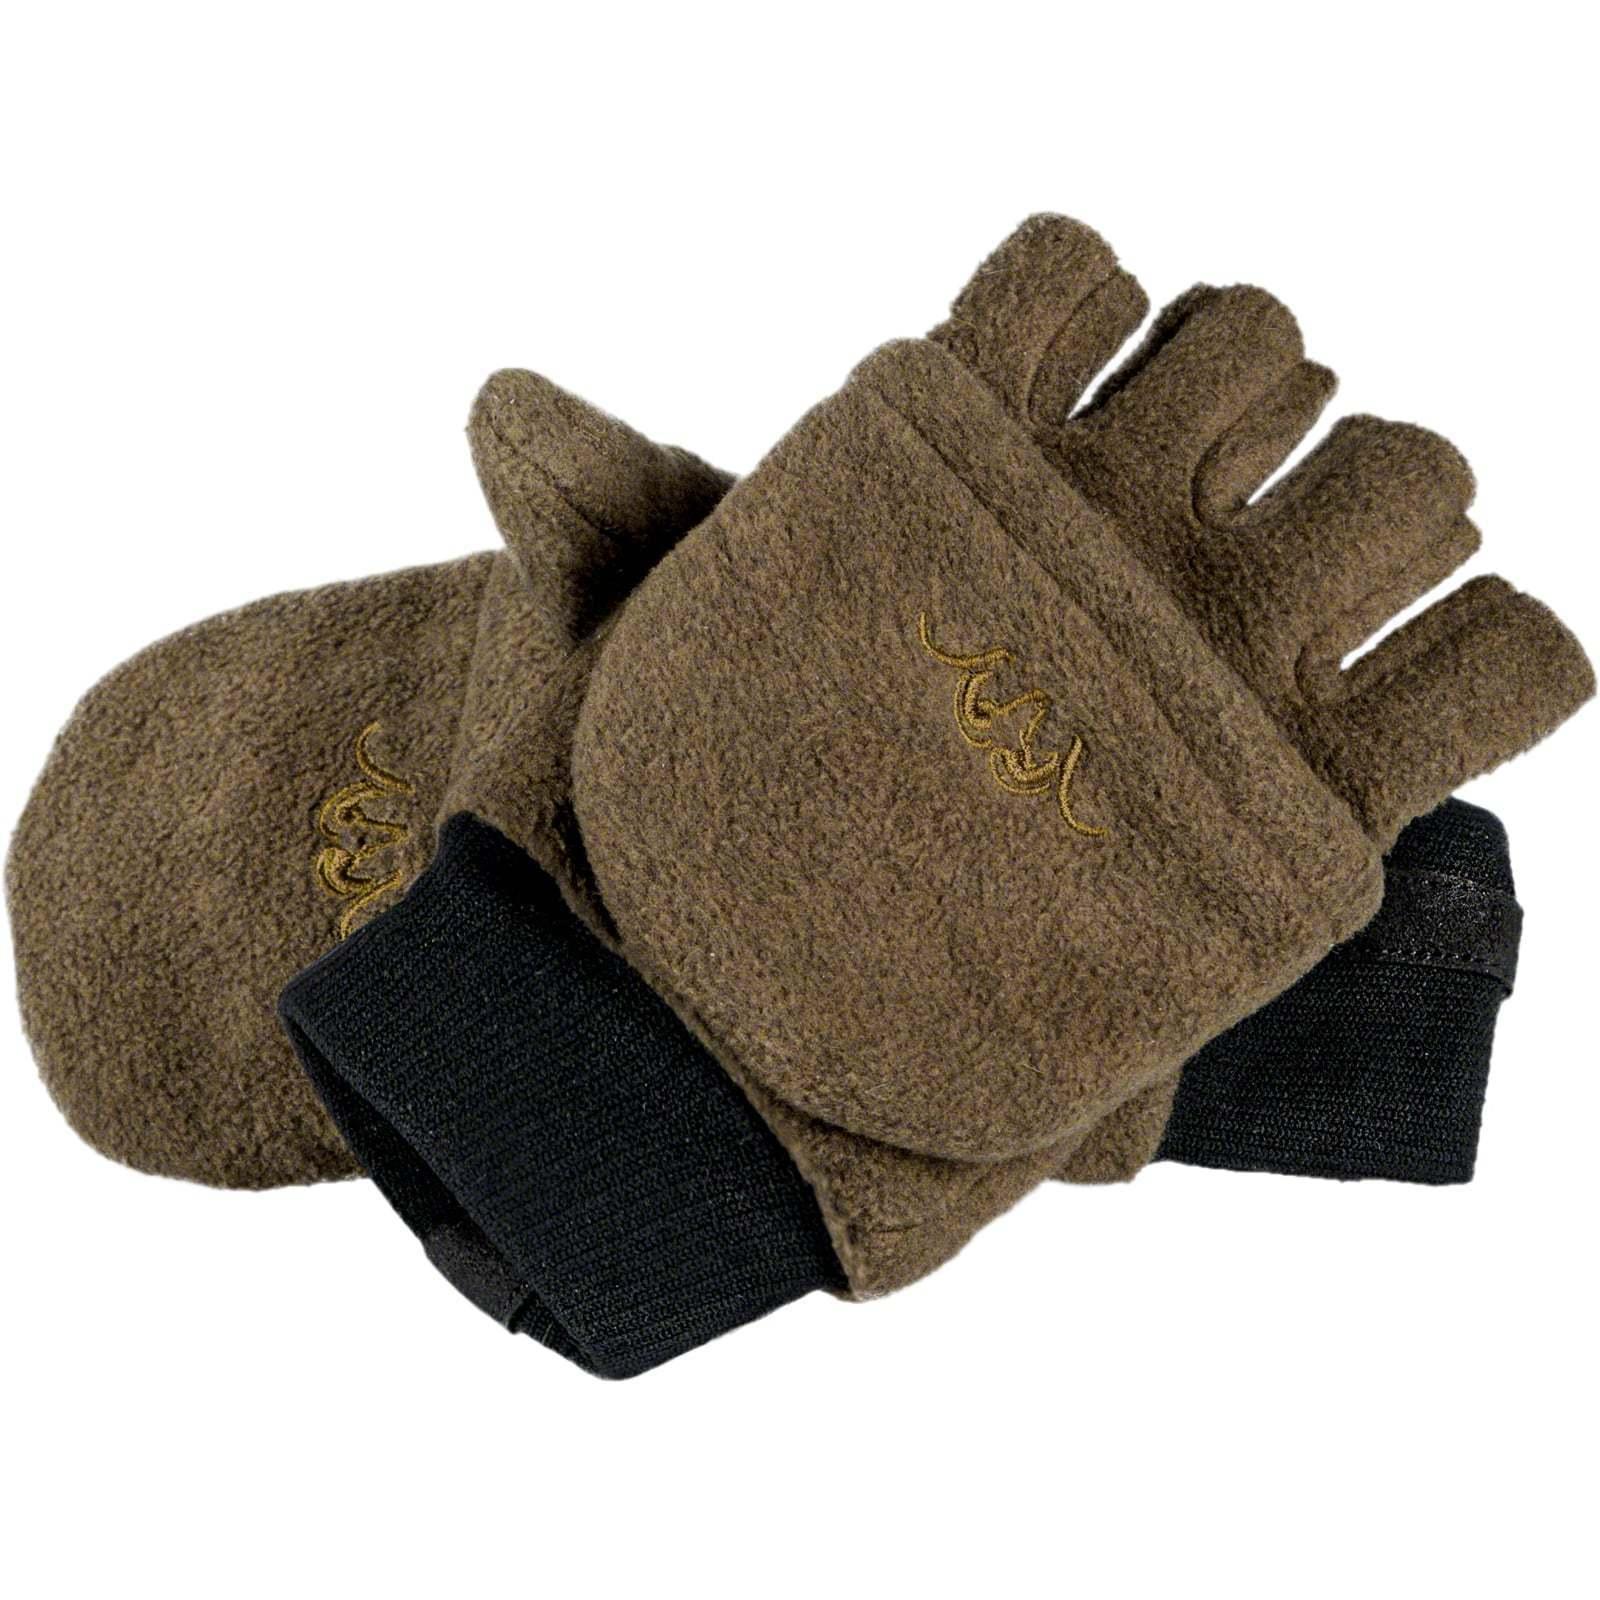 Blaser Fleece Mittens - Thinsulate lined